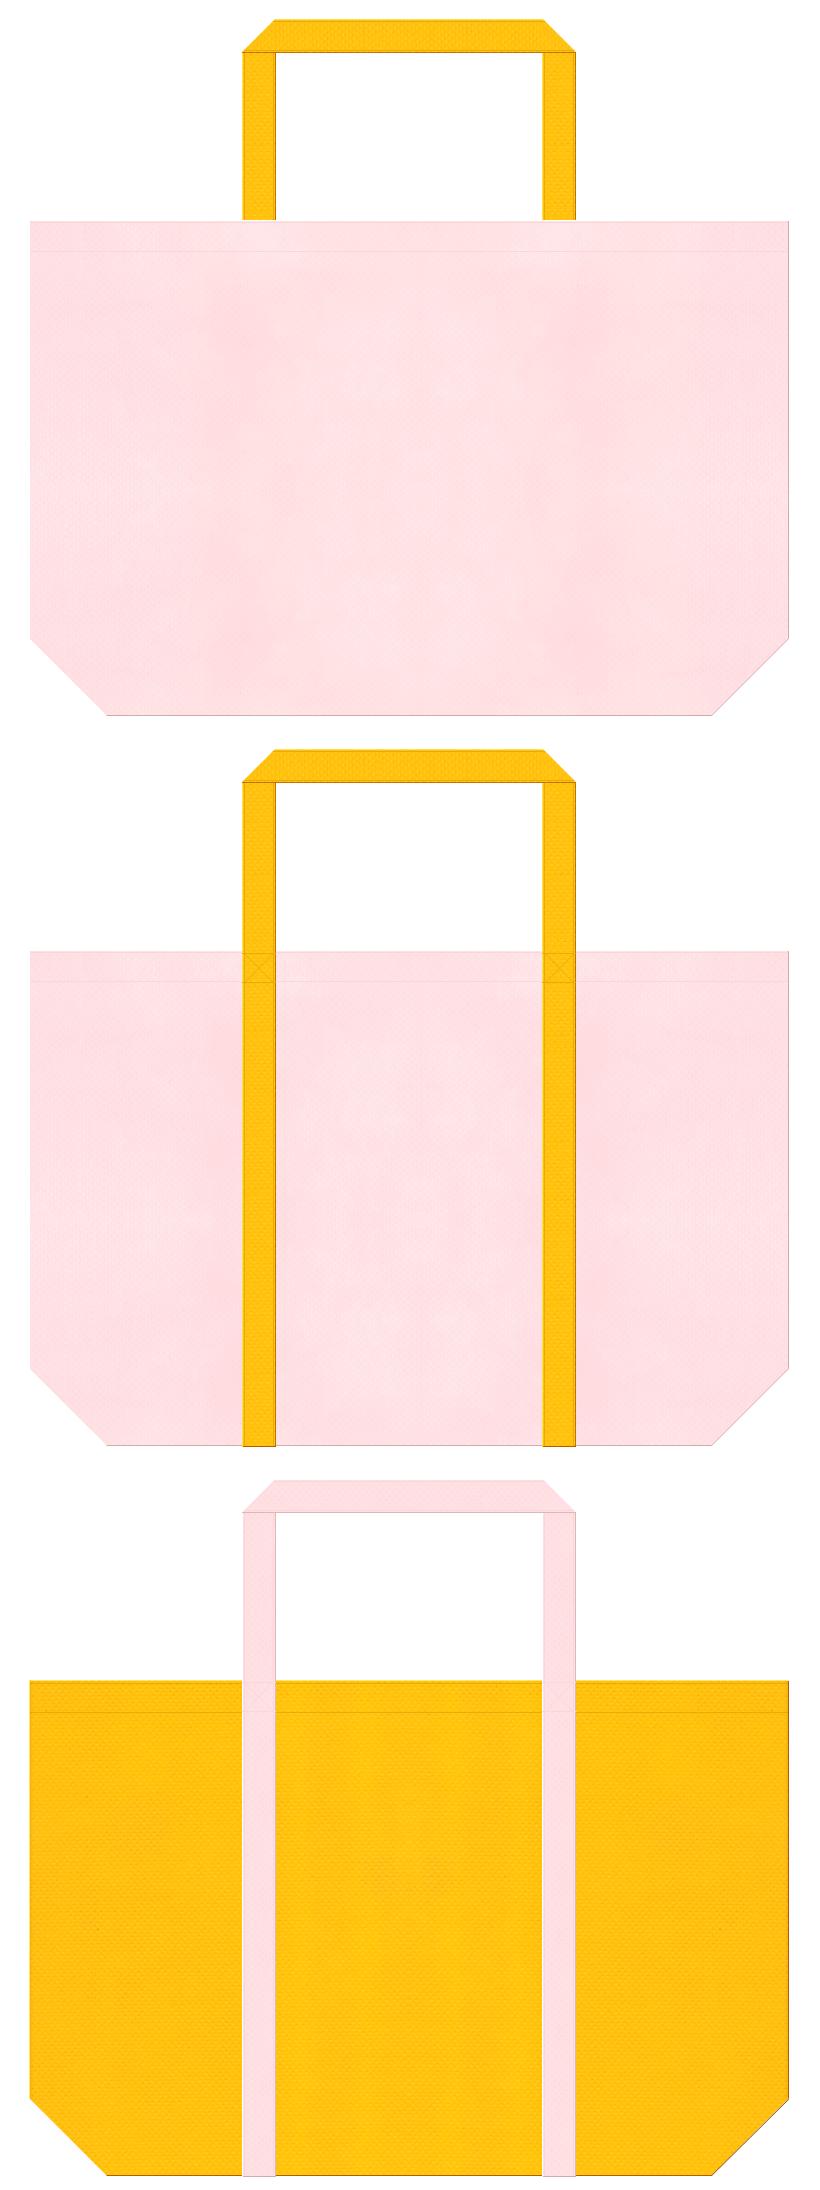 本・おとぎ話・月・星・エンジェル・ピエロ・プリンセス・おもちゃの兵隊・楽団・テーマパーク・菜の花・たまご・ひよこ・保育・通園バッグ・キッズイベント・ガーリーデザインにお奨めの不織布バッグデザイン:桜色と黄色のコーデ